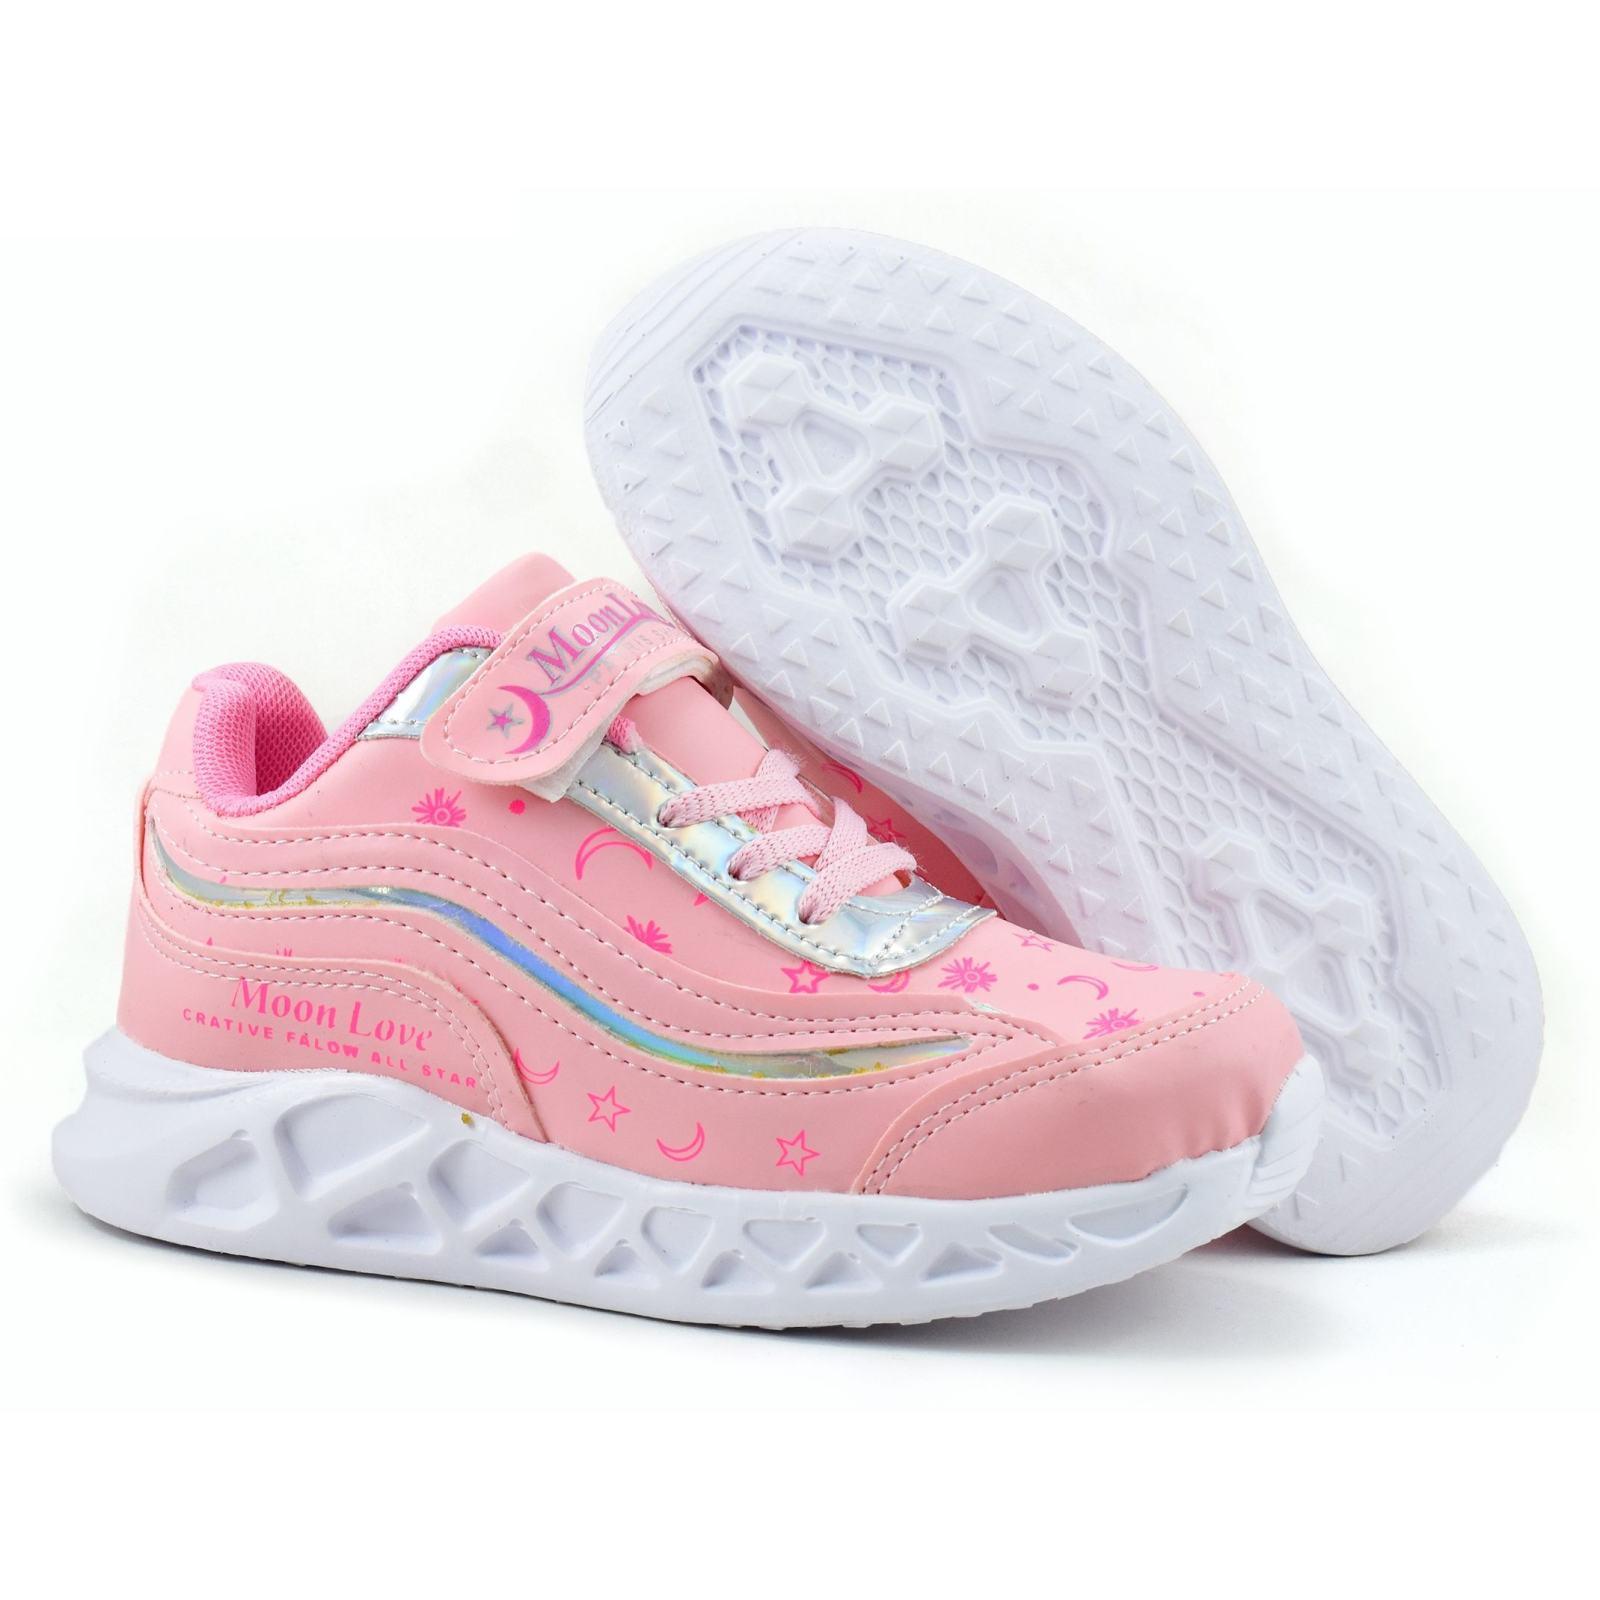 کفش راحتی دخترانه مون لاو کد 4583 main 1 3